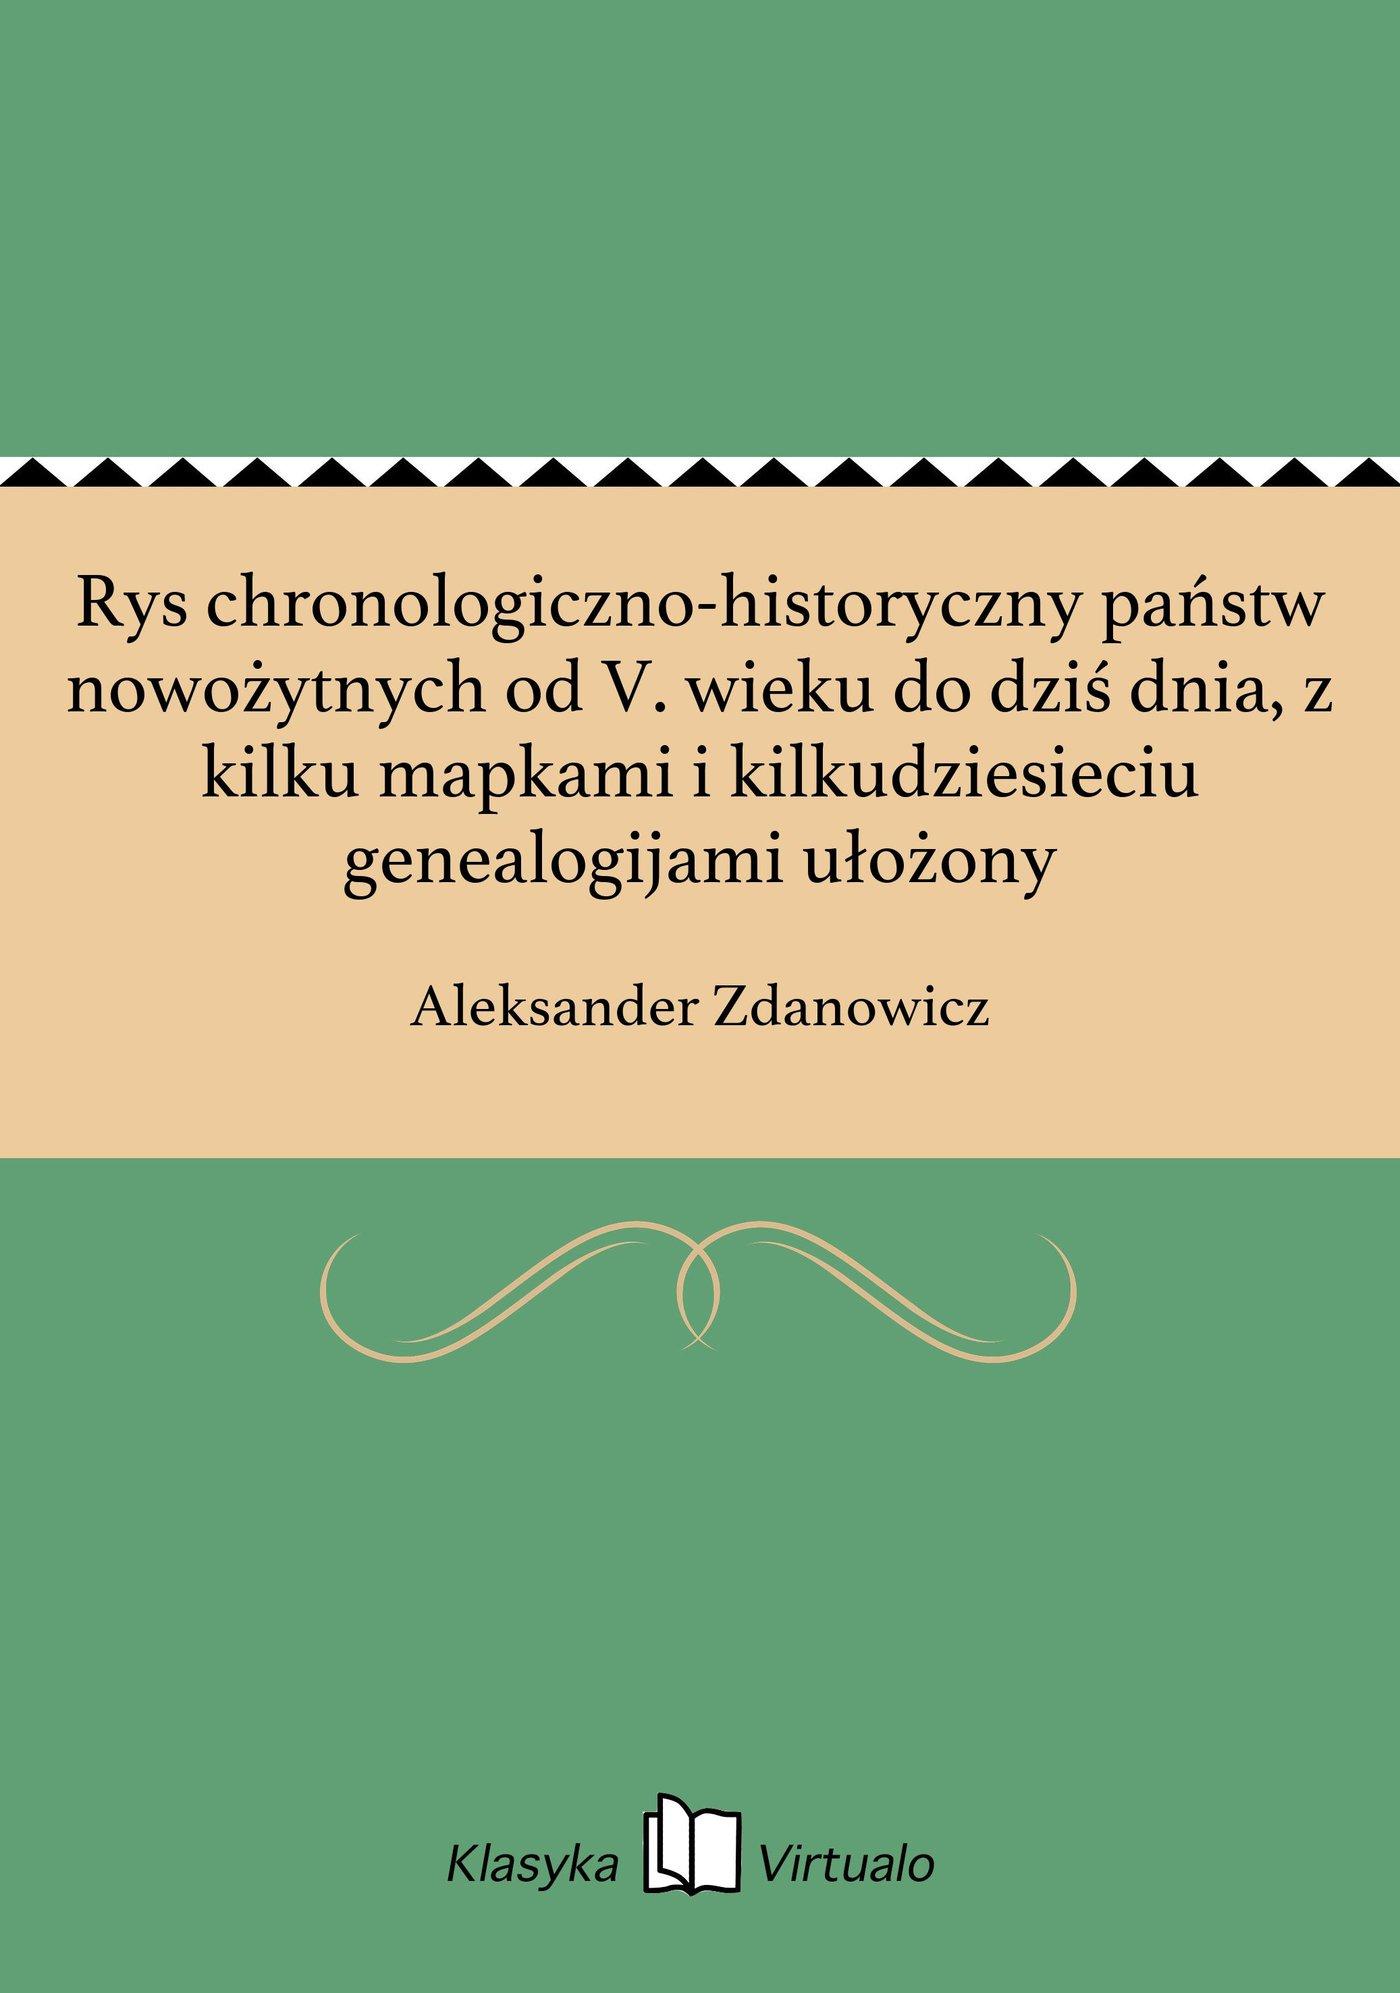 Rys chronologiczno-historyczny państw nowożytnych od V. wieku do dziś dnia, z kilku mapkami i kilkudziesieciu genealogijami ułożony - Ebook (Książka na Kindle) do pobrania w formacie MOBI